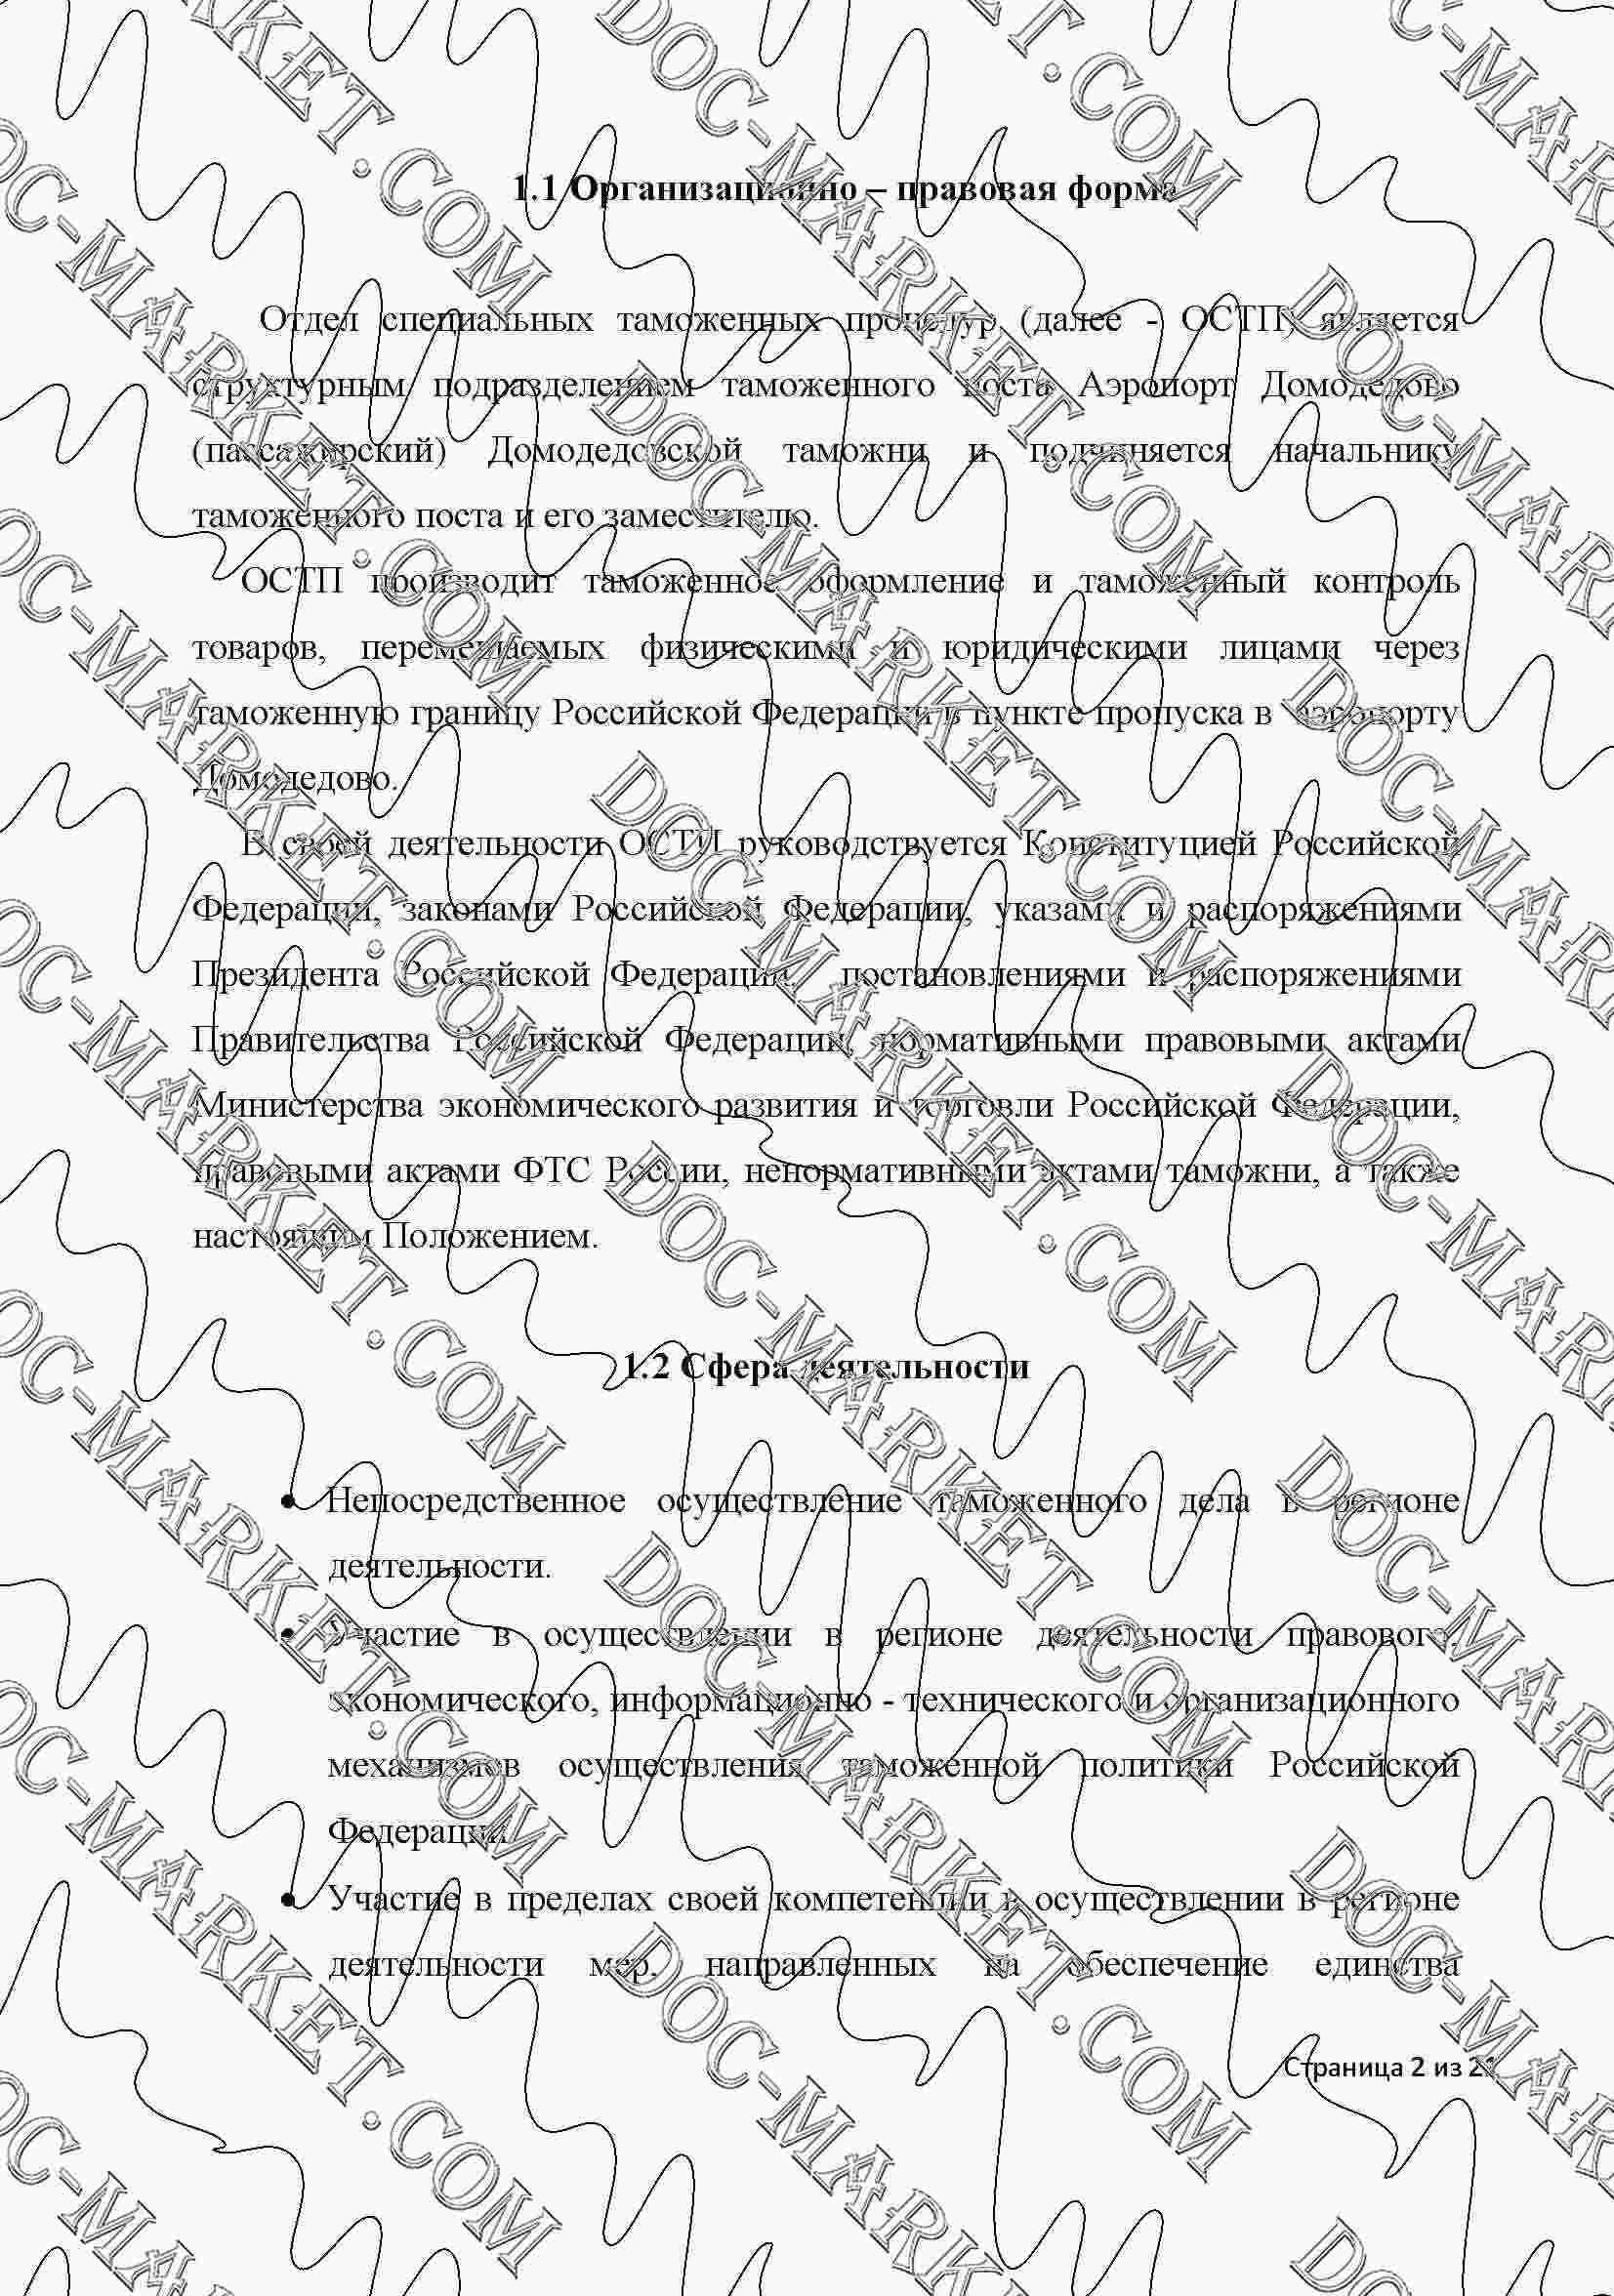 Отчёт по производственной практике повар кондитер sleven Как писать и оформлять отчет о прохождении преддипломной практики Производственной практики повара отчет по практике по менеджменту